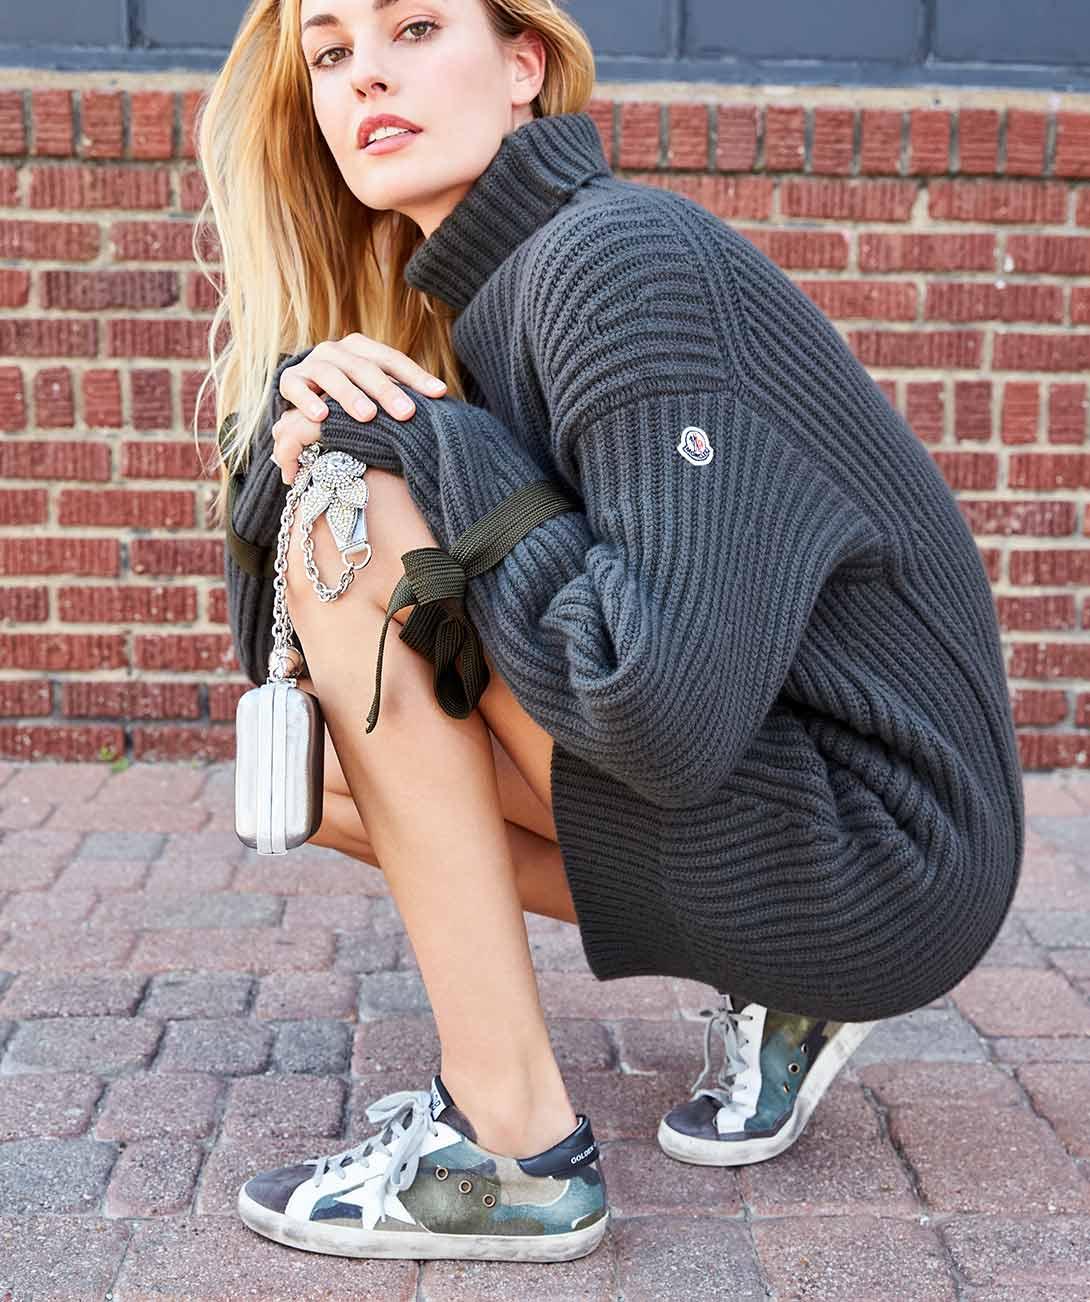 Fresco zapatillas de deporte de impresión de chicas (Neiman Marcus